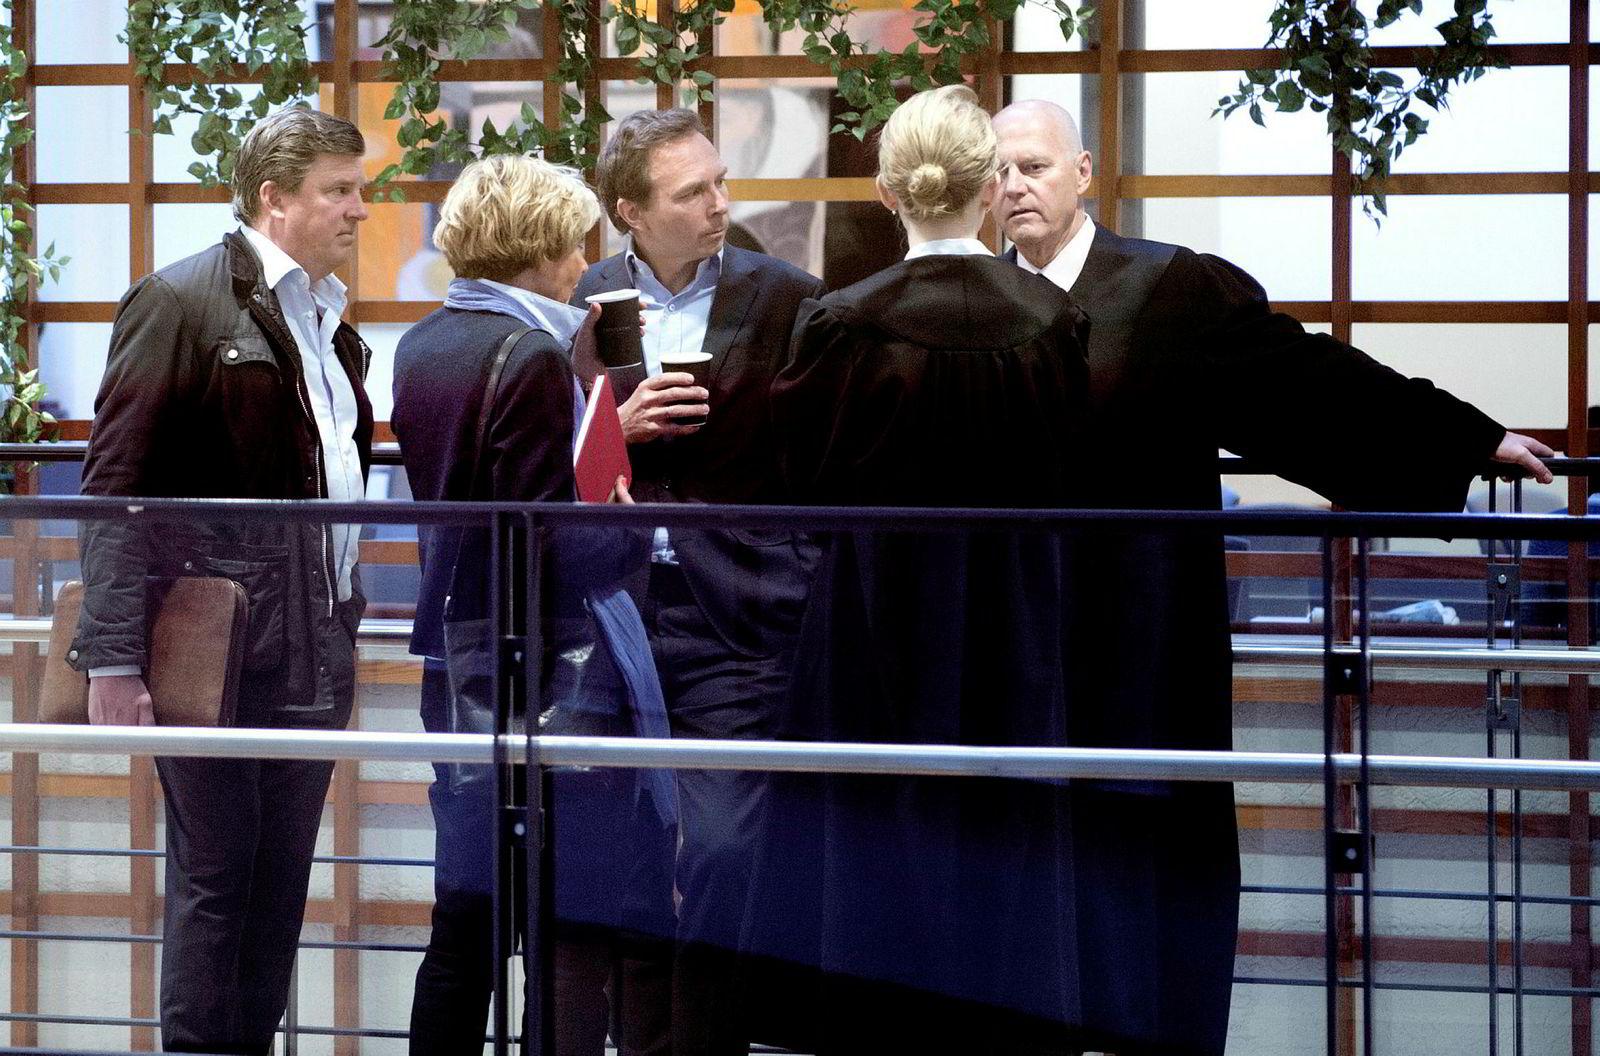 Aschehougs konsernsjef Mads Nygaard (i midten) konfererer med pr-rådgiver Morten Pettersen i Boldt (fra venstre) visekonsernsjef Kari-Anne Haugen, advokatfullmektig Kirsten Lange og advokat Anders Ryssdal fra Advokatfirmaet Glittertind før Nygaard skulle inn som vitne i Oslo tingrett.